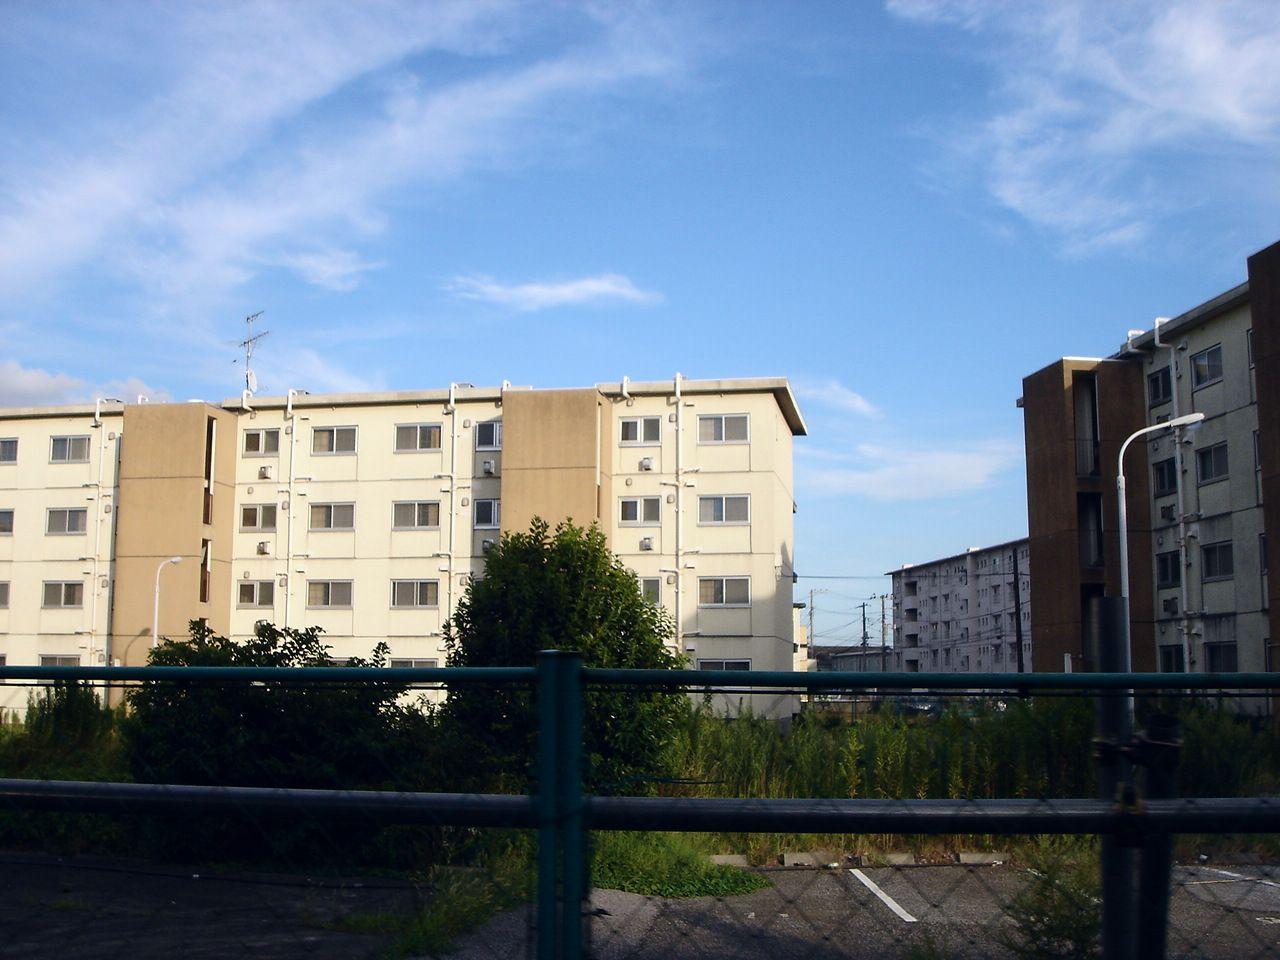 20100807_船橋市三山8_NTT船橋三山 ...